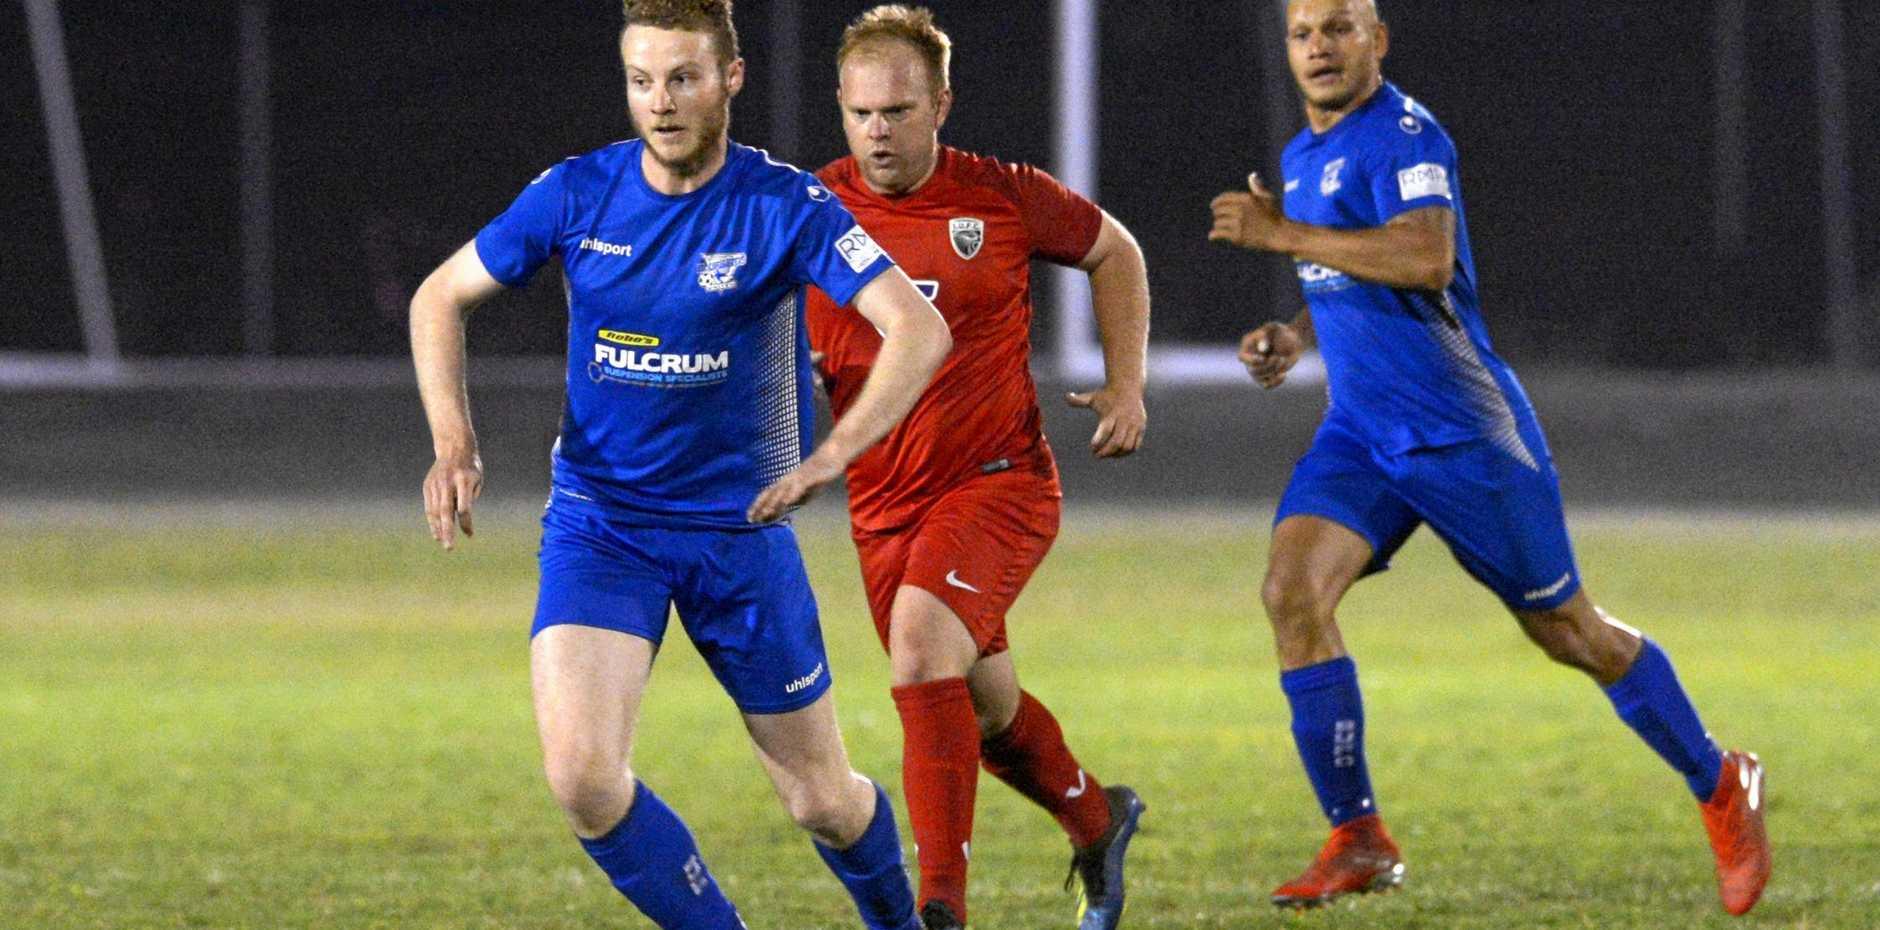 FOOTBALL CQ PREMIER LEAGUE: Bluebirds United's Liam McLean